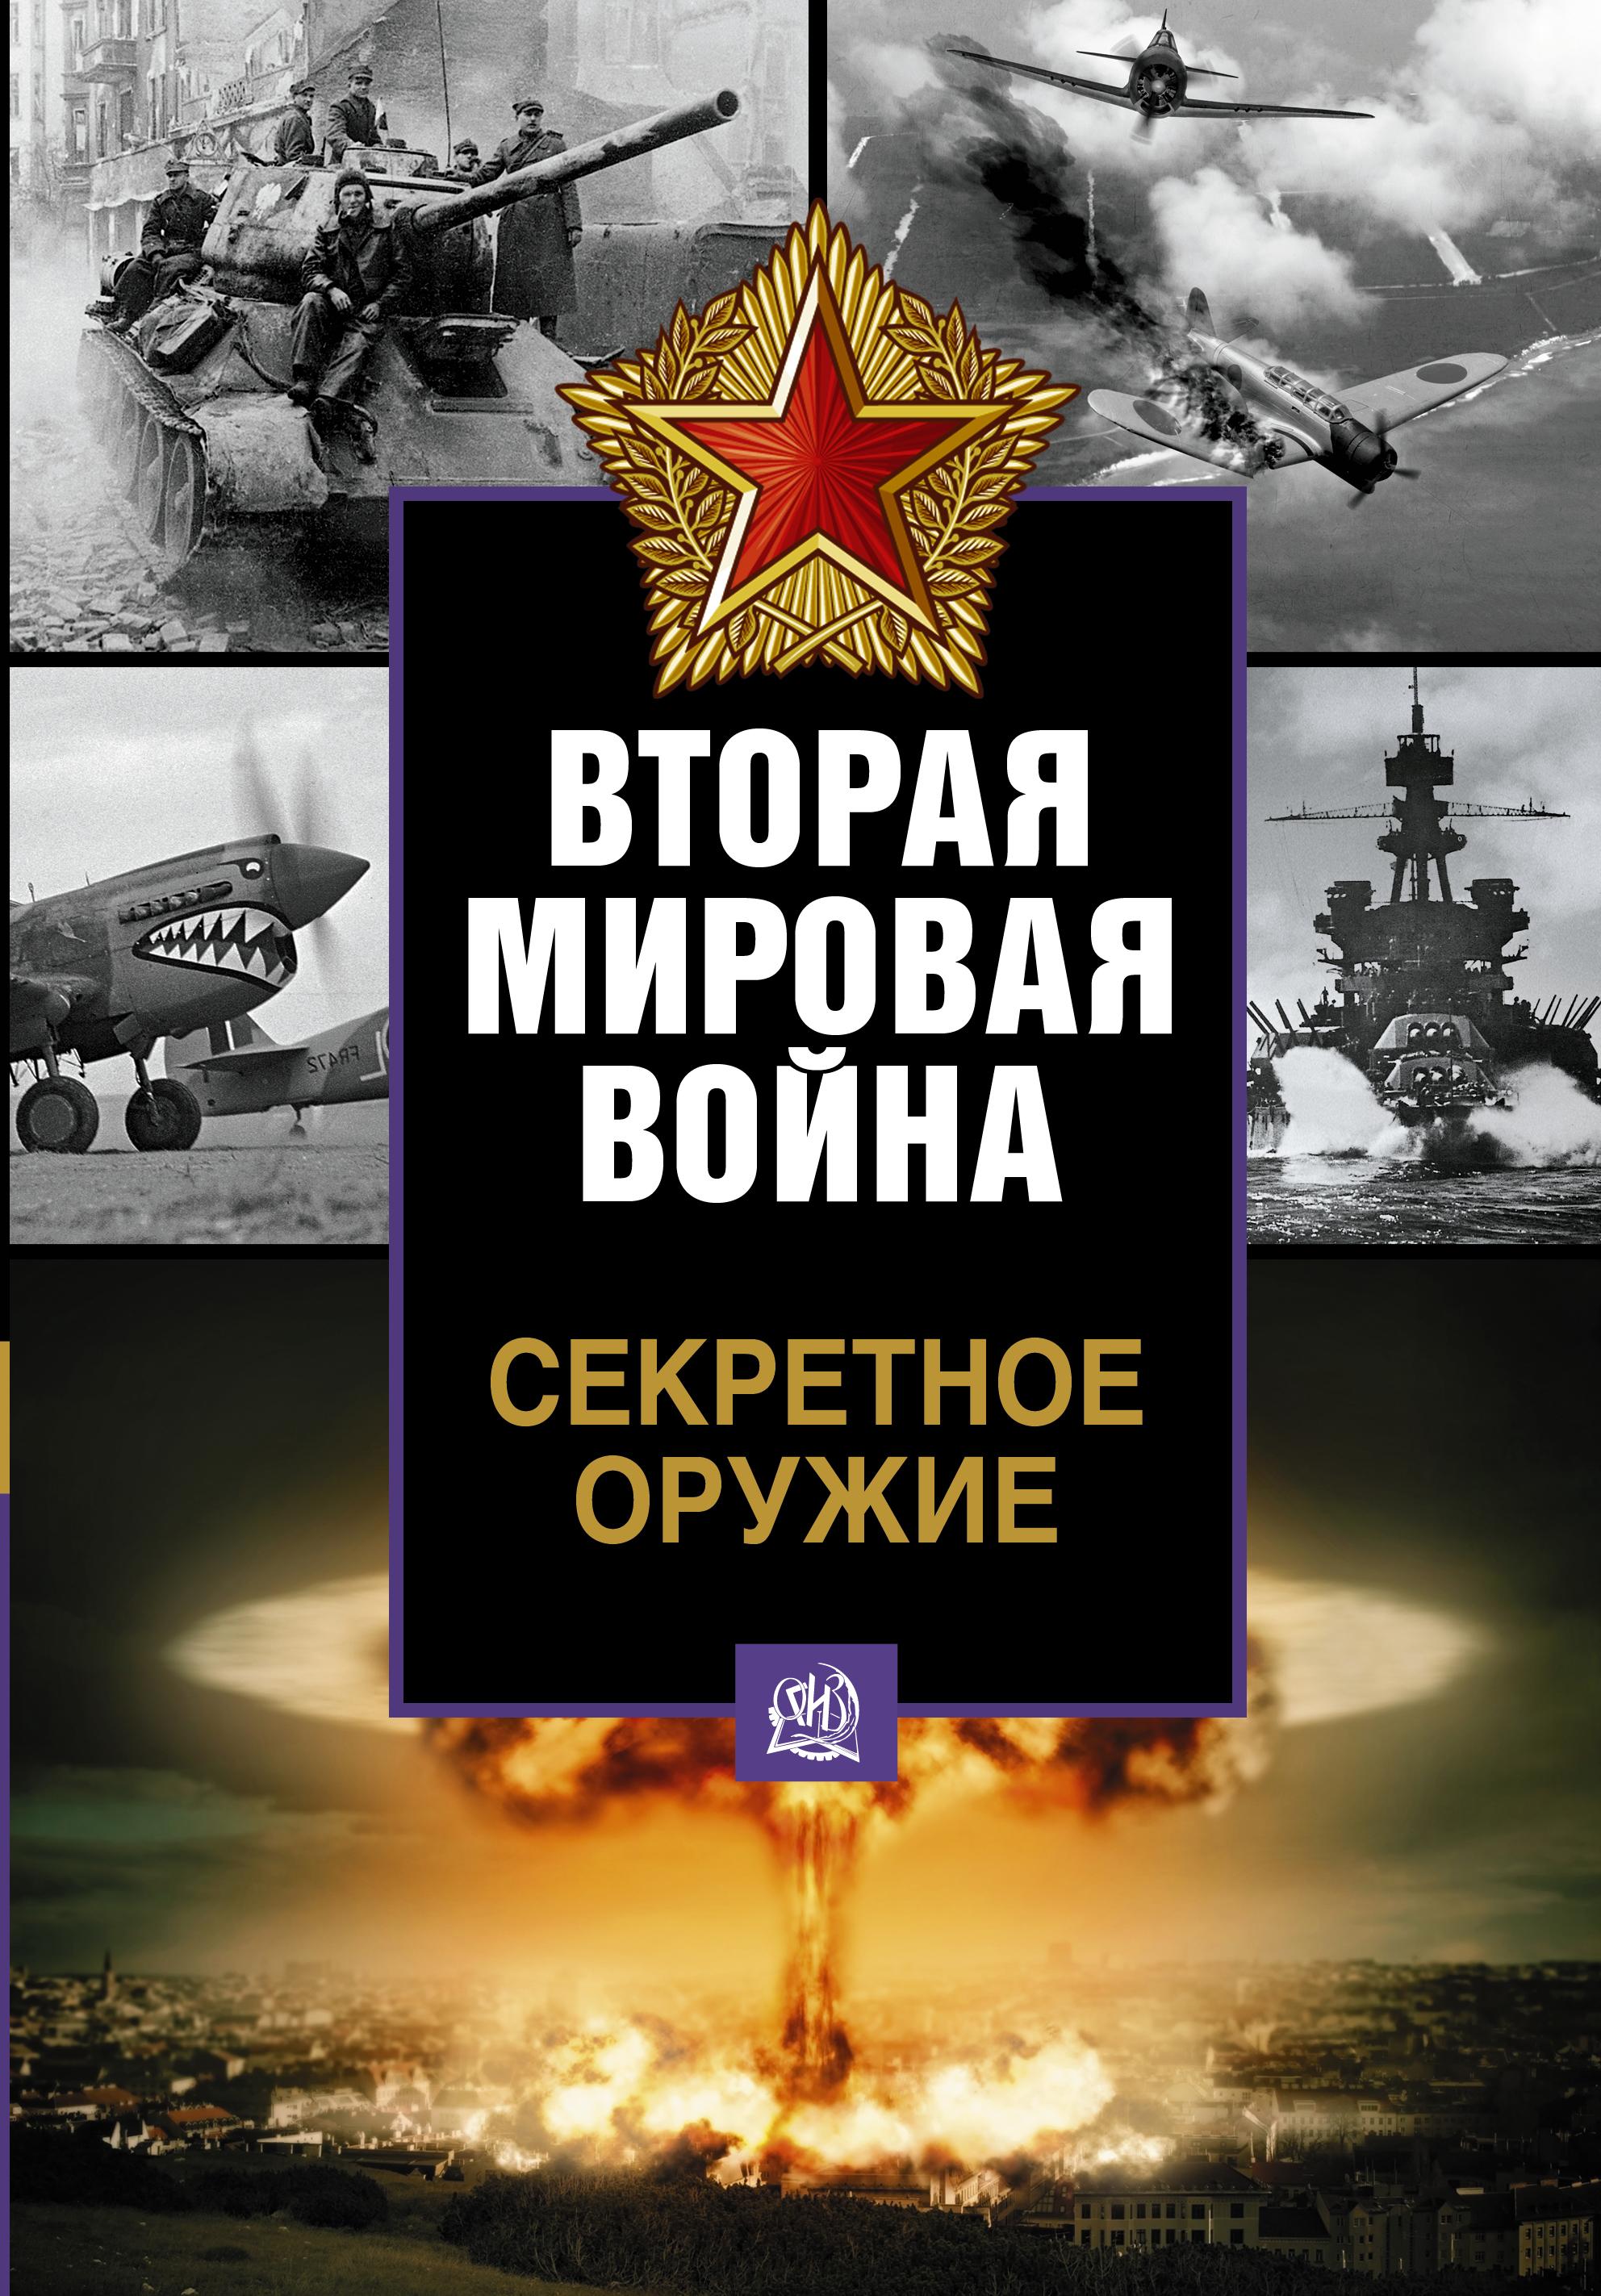 Роджер Форд Вторая мировая война. Секретное оружие